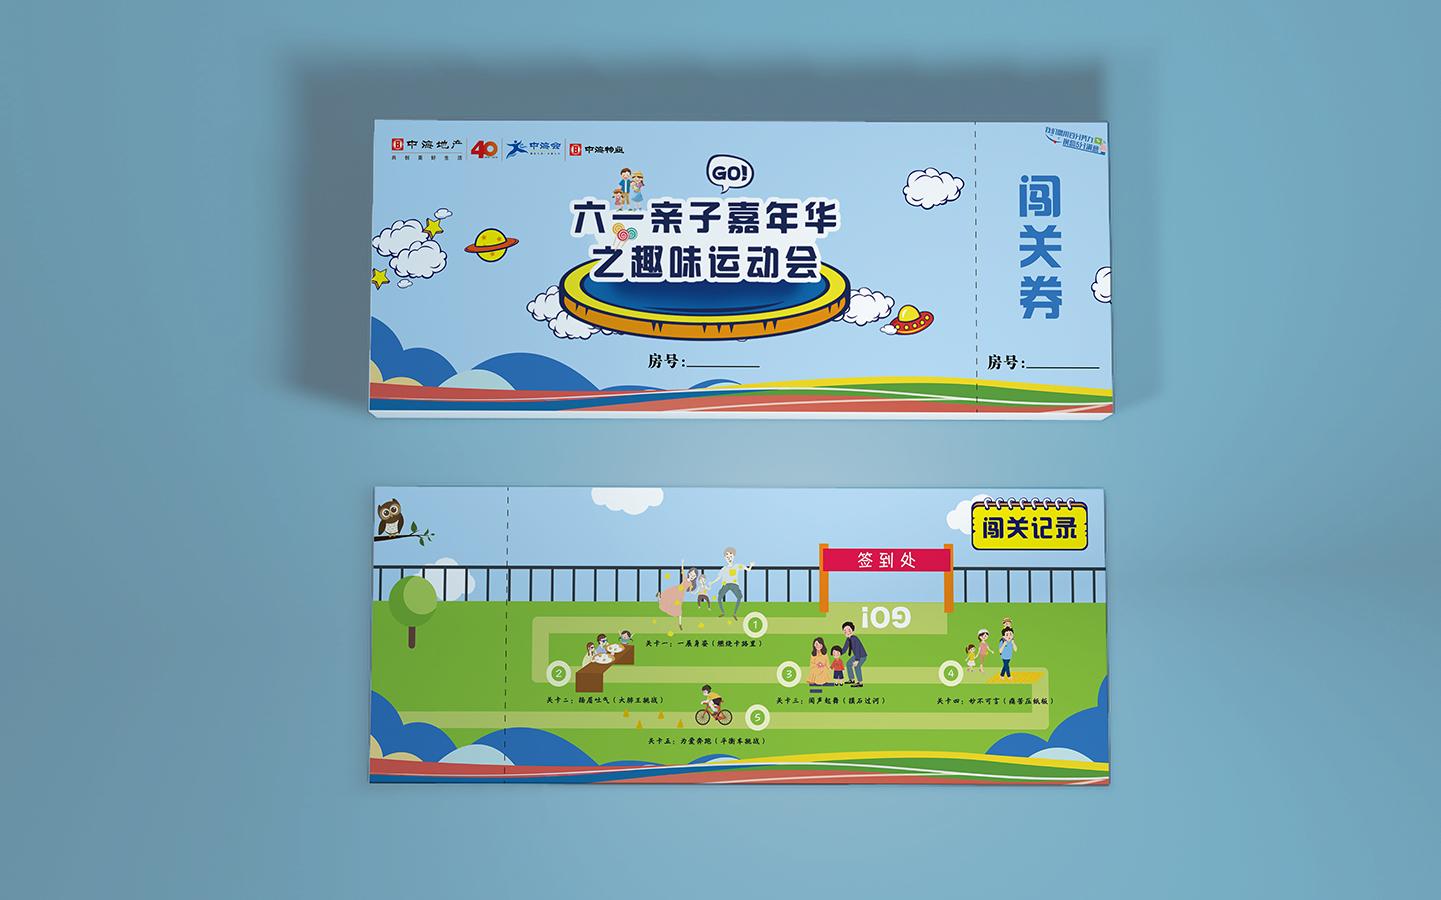 高端创意定制个人公司企业名片会员卡购物卡片工牌制作总监设计师